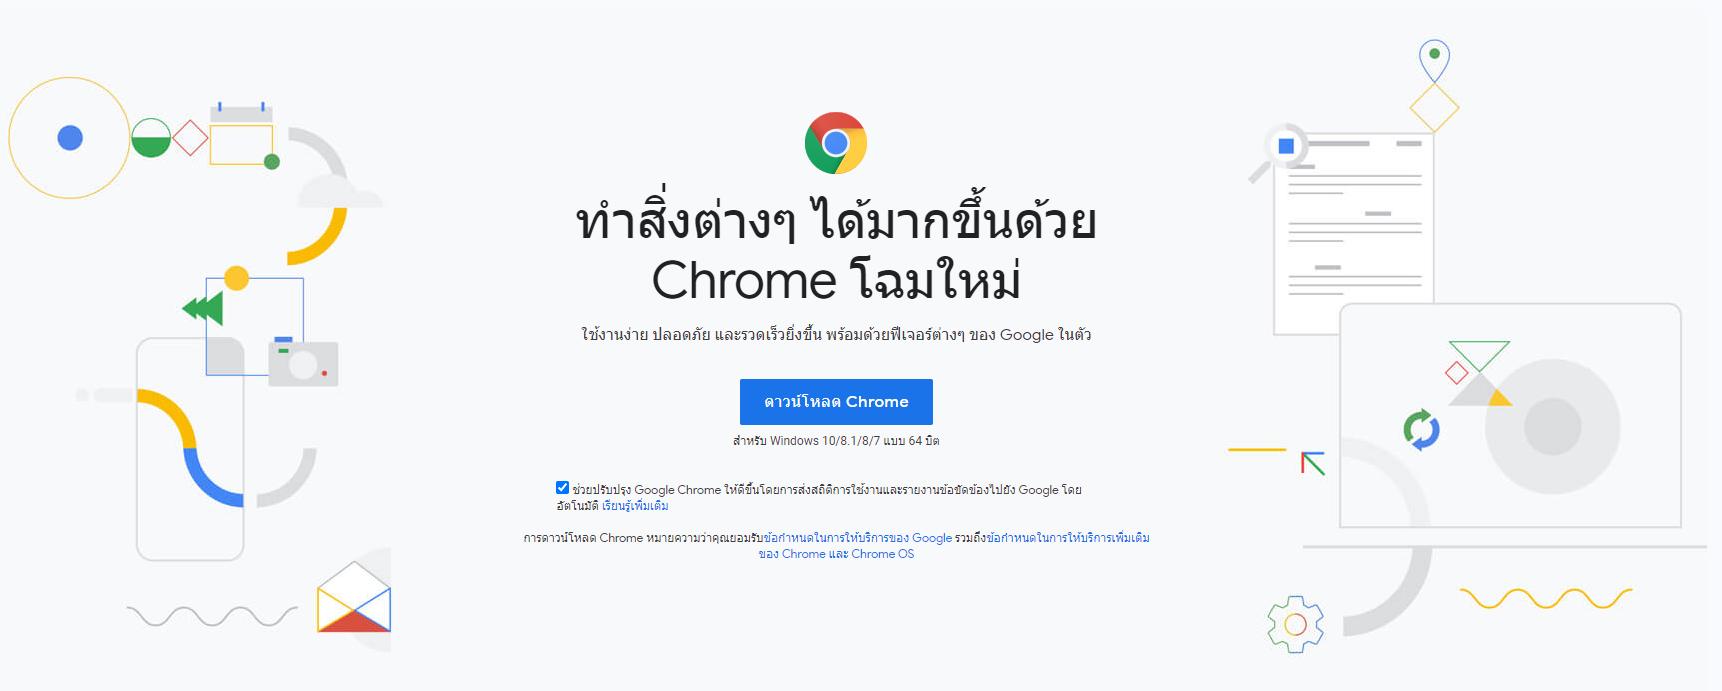 เคล็ดลับ google chrome